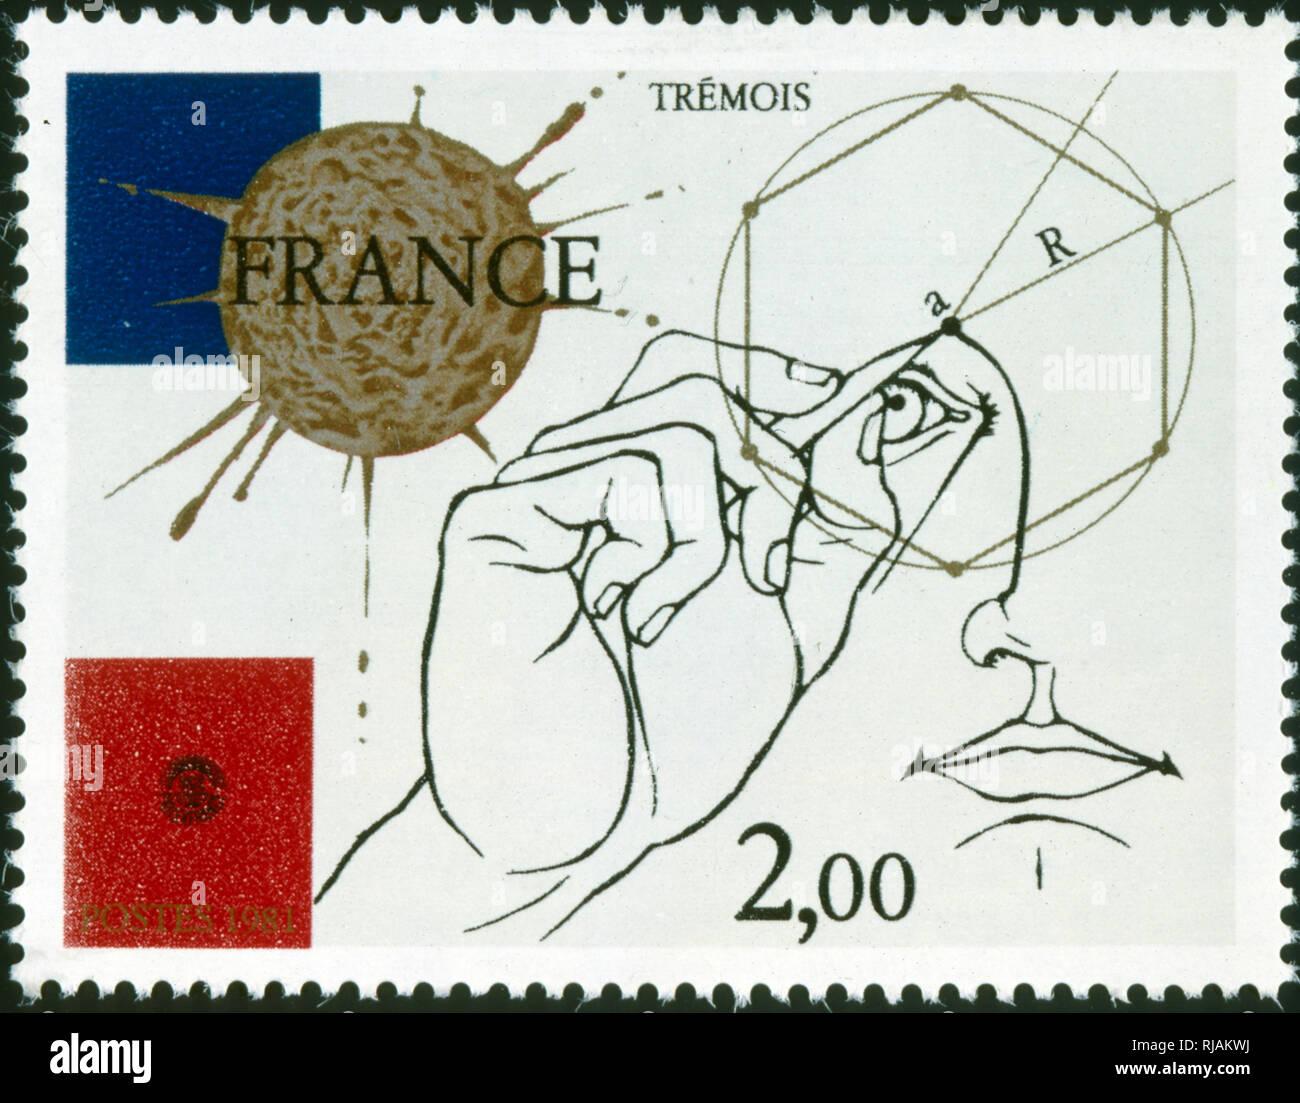 Il francese francobollo commemorativo Pierre-Yves Tremois (nato il 8 gennaio 1921 a Parigi), un francese di artista visivo e scultore. Egli è conosciuto per suggestive opere disegno in proporzioni uguali sul Surrealismo e illustrazione della scienza Immagini Stock